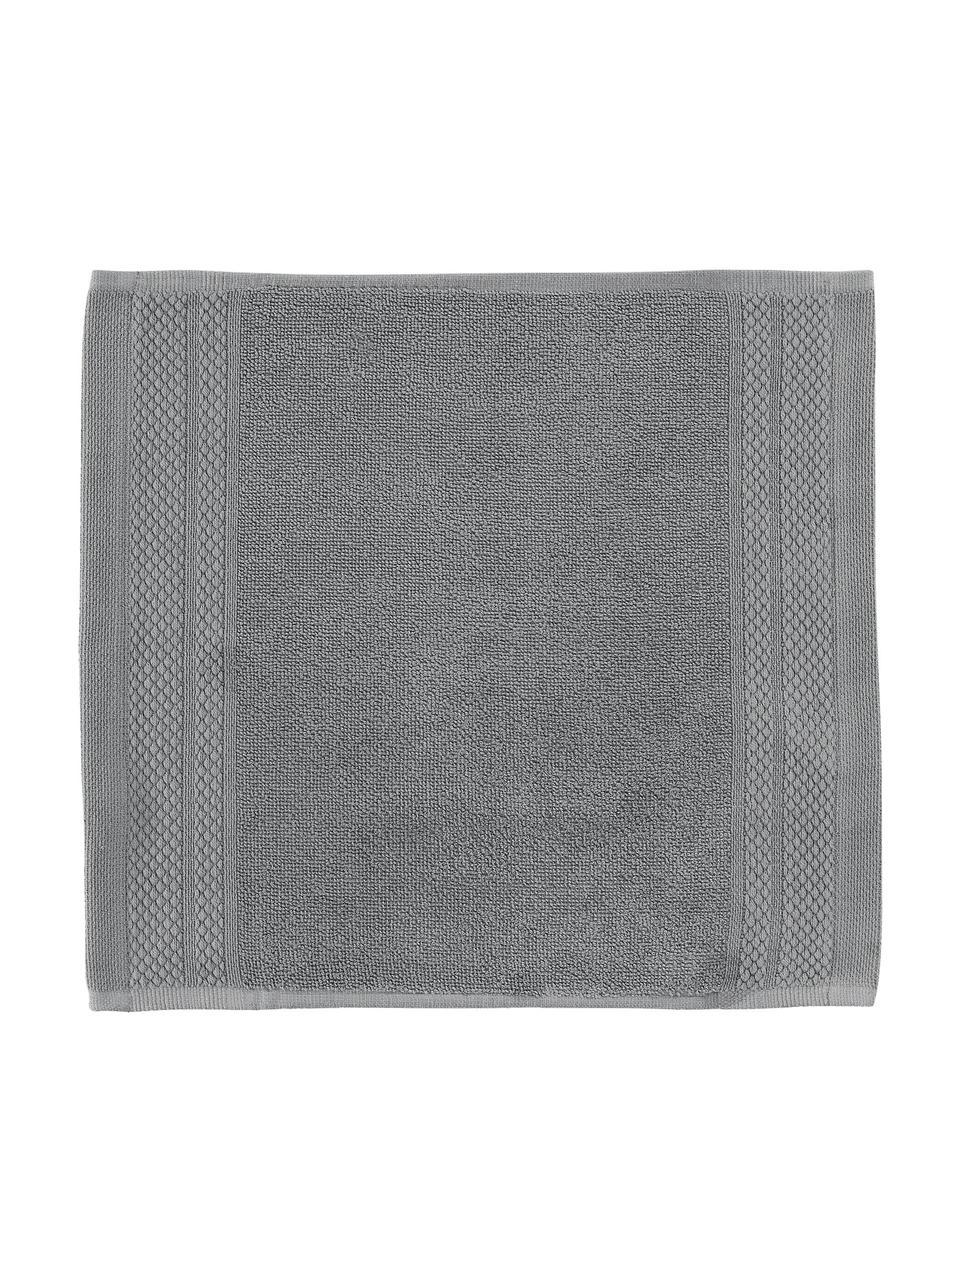 Asciugamano con bordo decorativo classico Premium, Grigio scuro, Asciugamano per ospiti XS